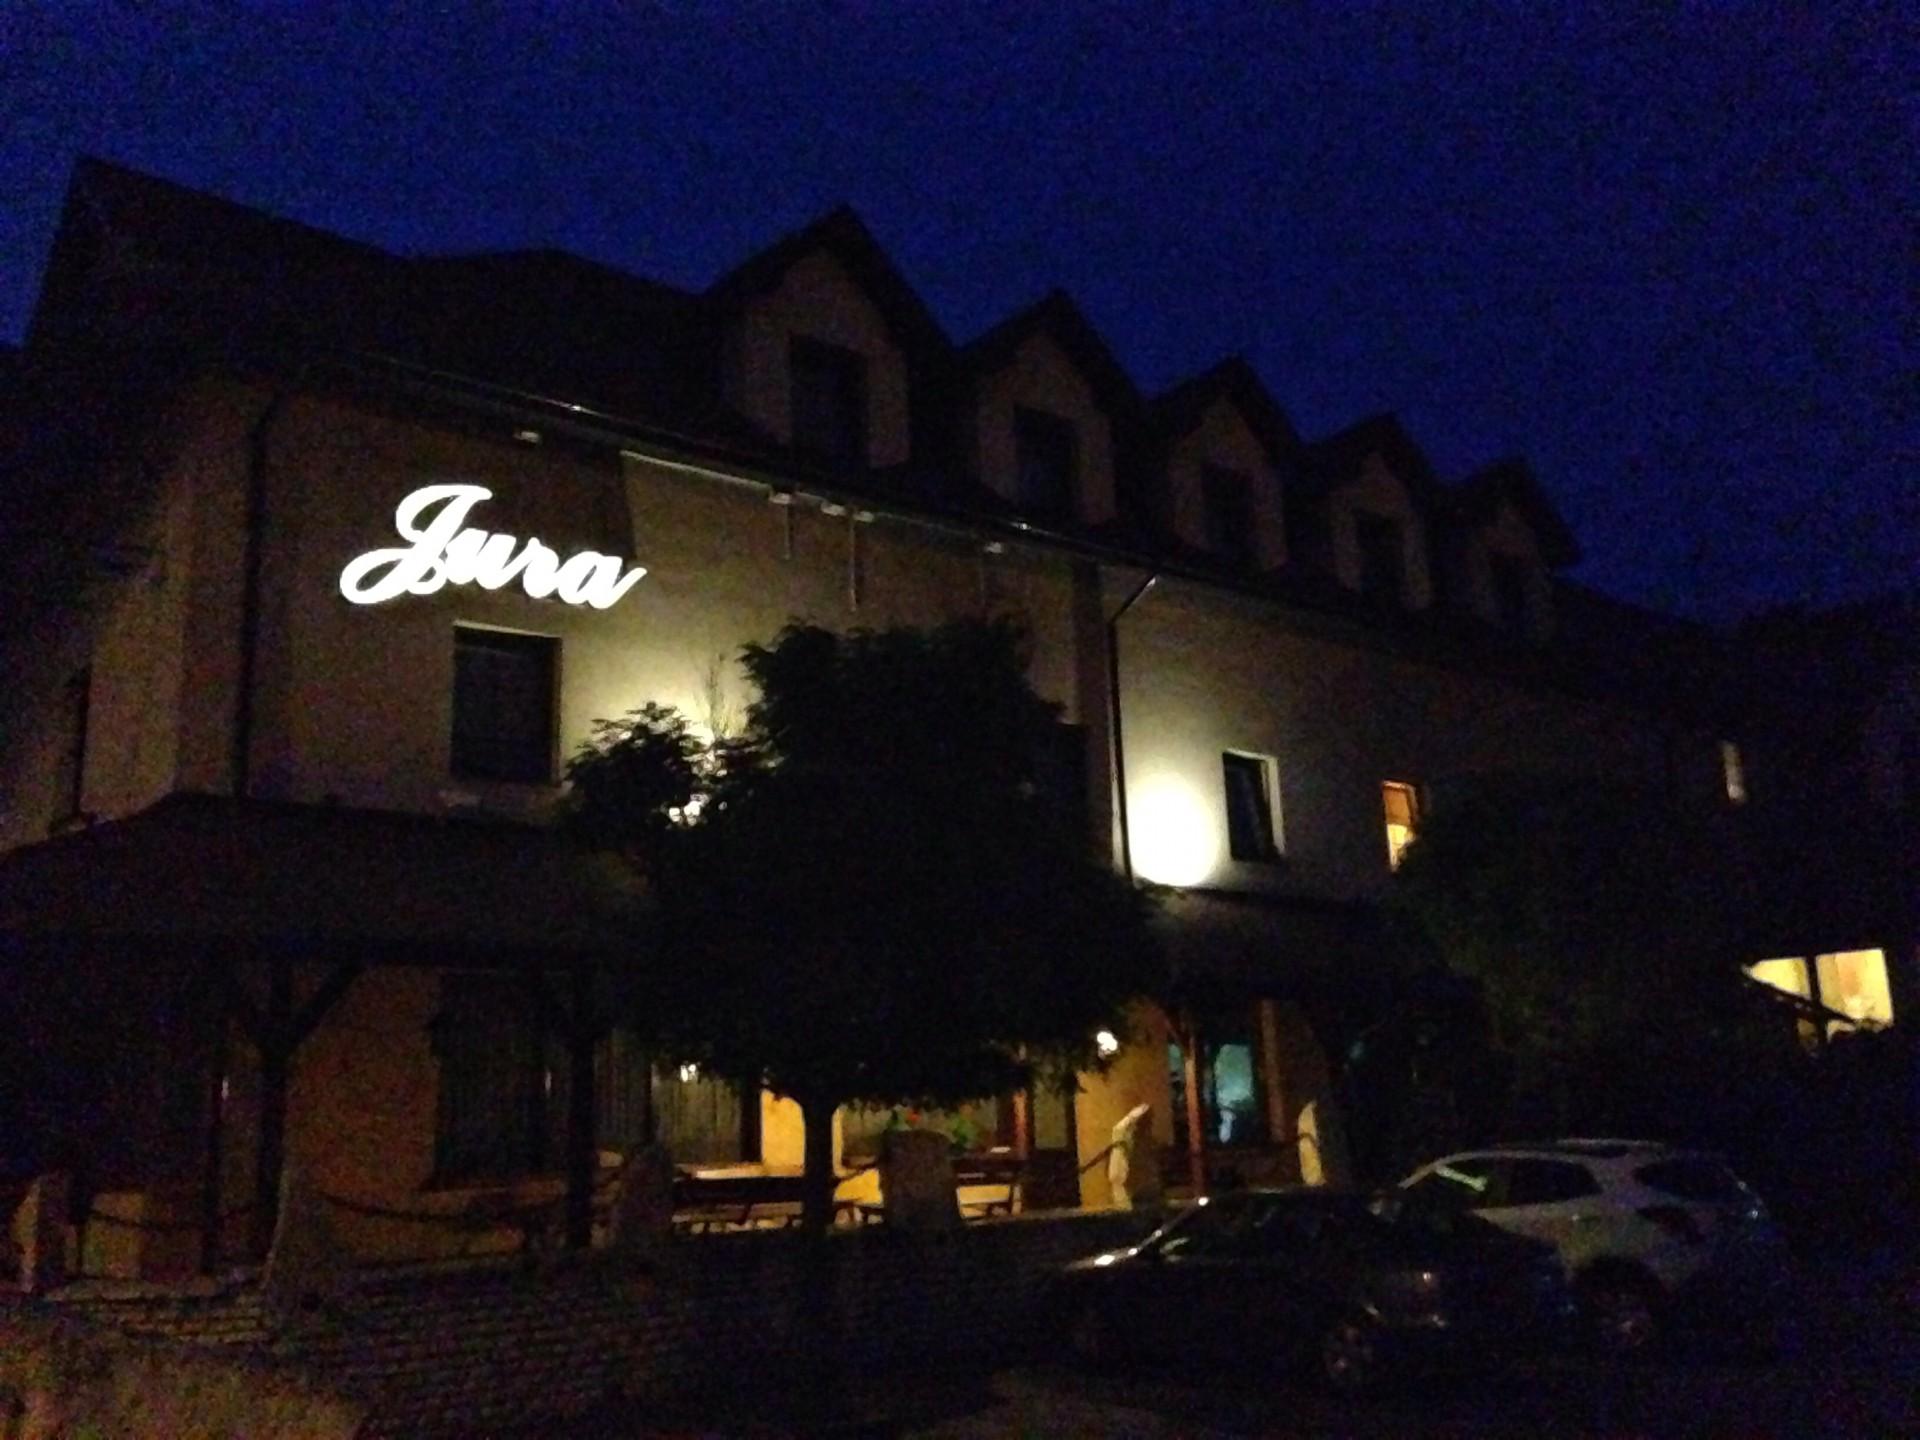 Hotel Jura